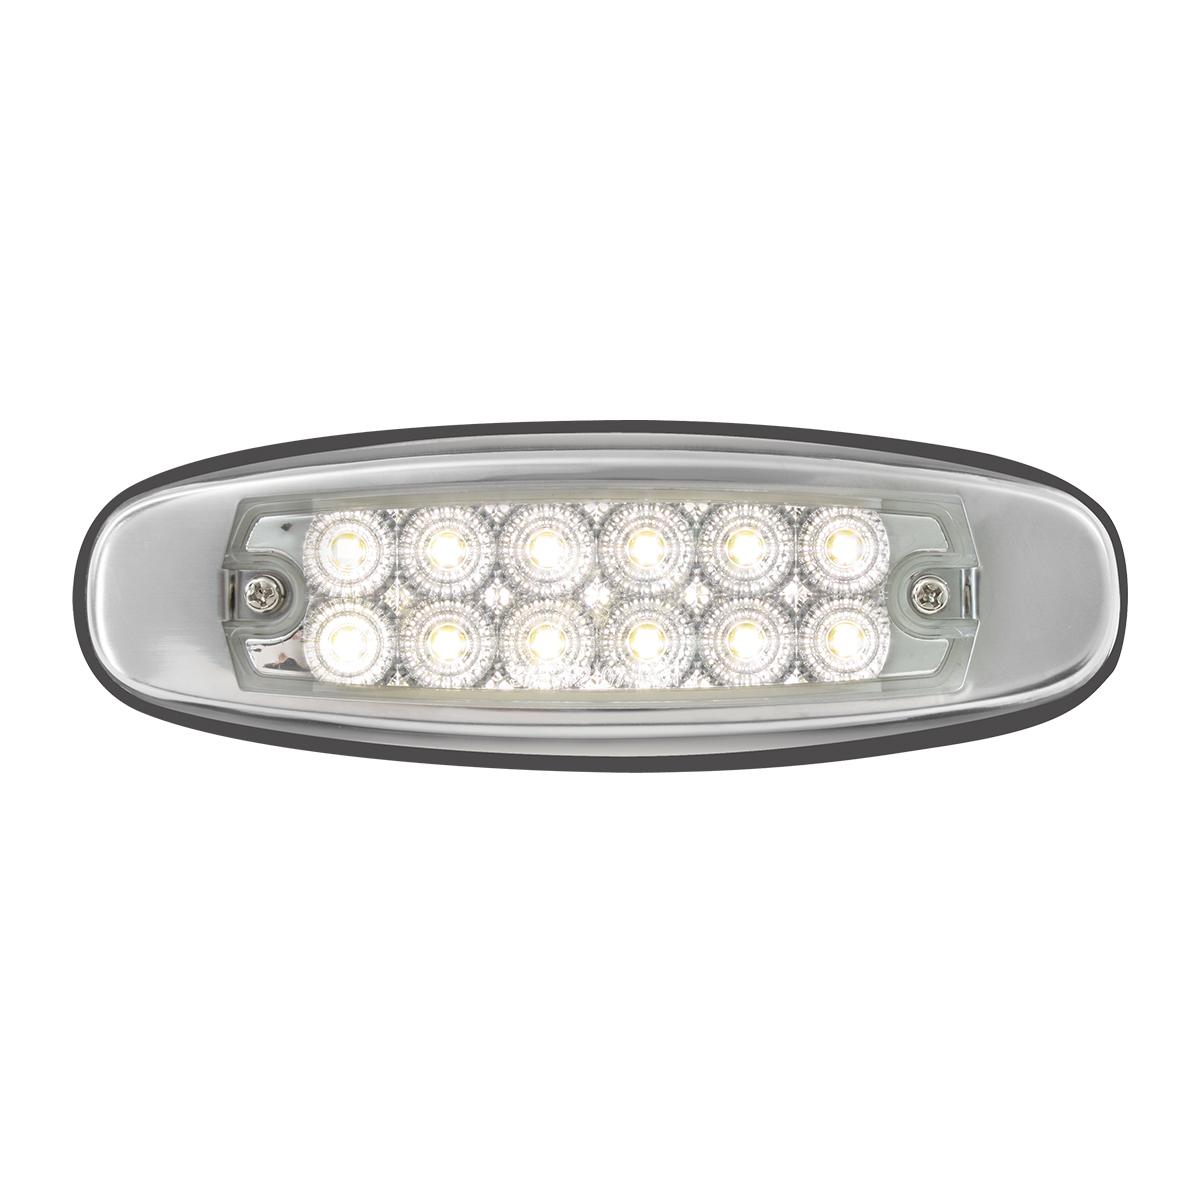 78569 Ultra Thin Spyder LED Marker Light w/ Stainless Steel Bezel